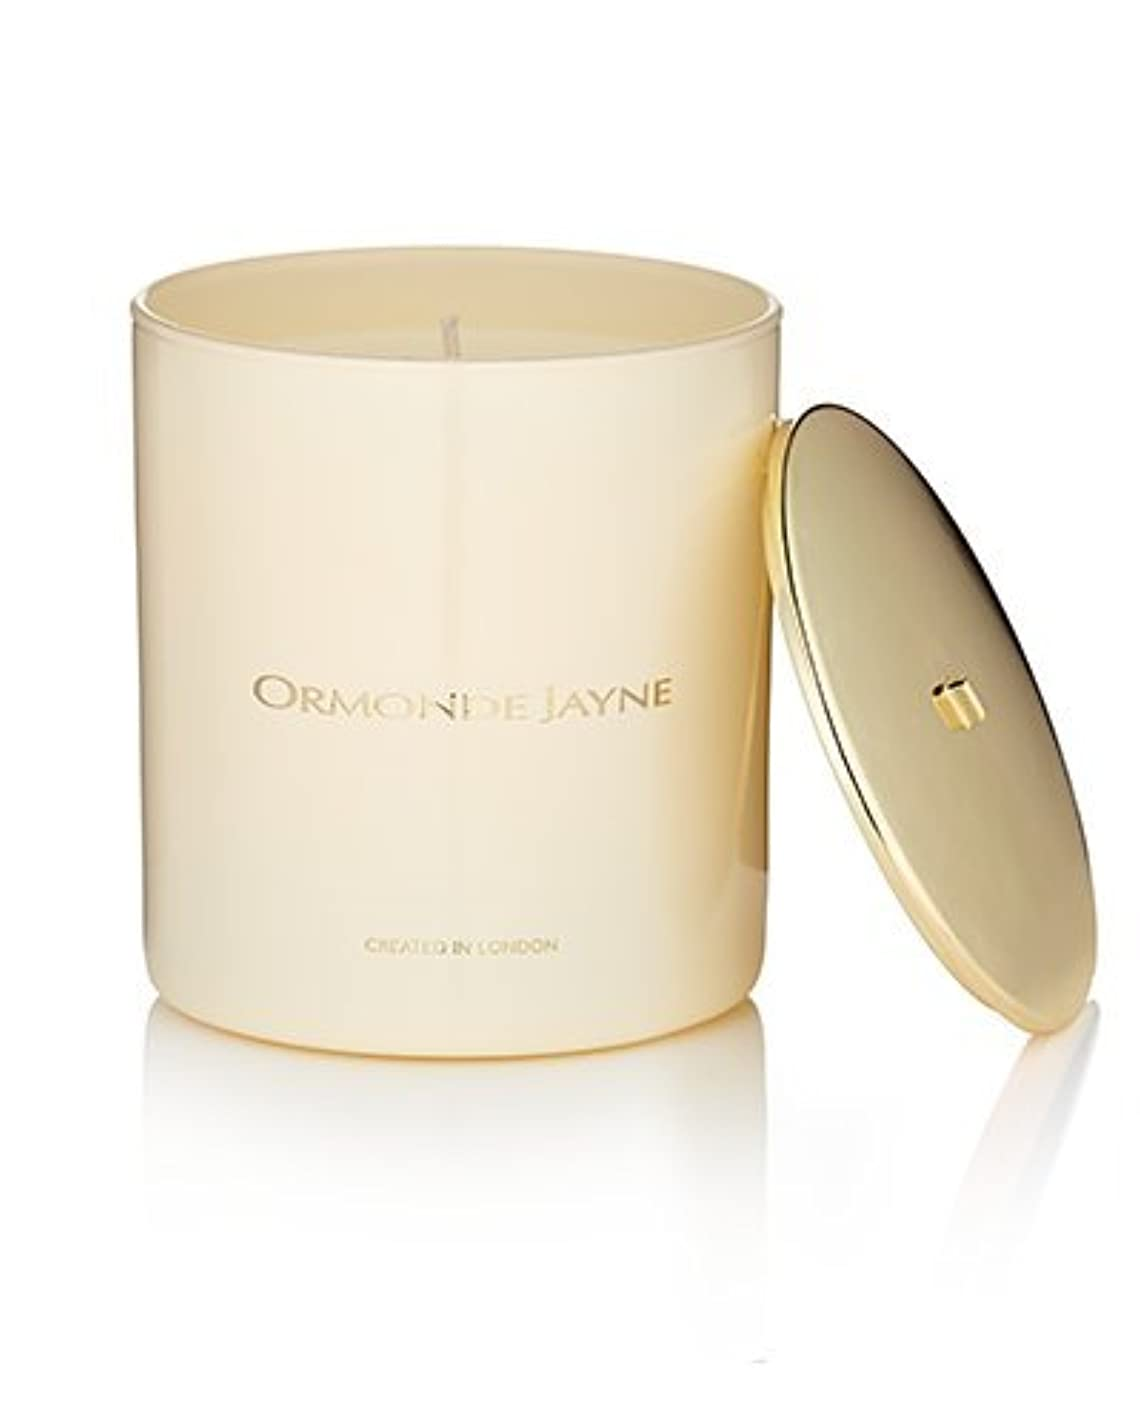 規則性レコーダーエスニックOrmonde Jayne Frangipani Candle、9.8 FL。オンス